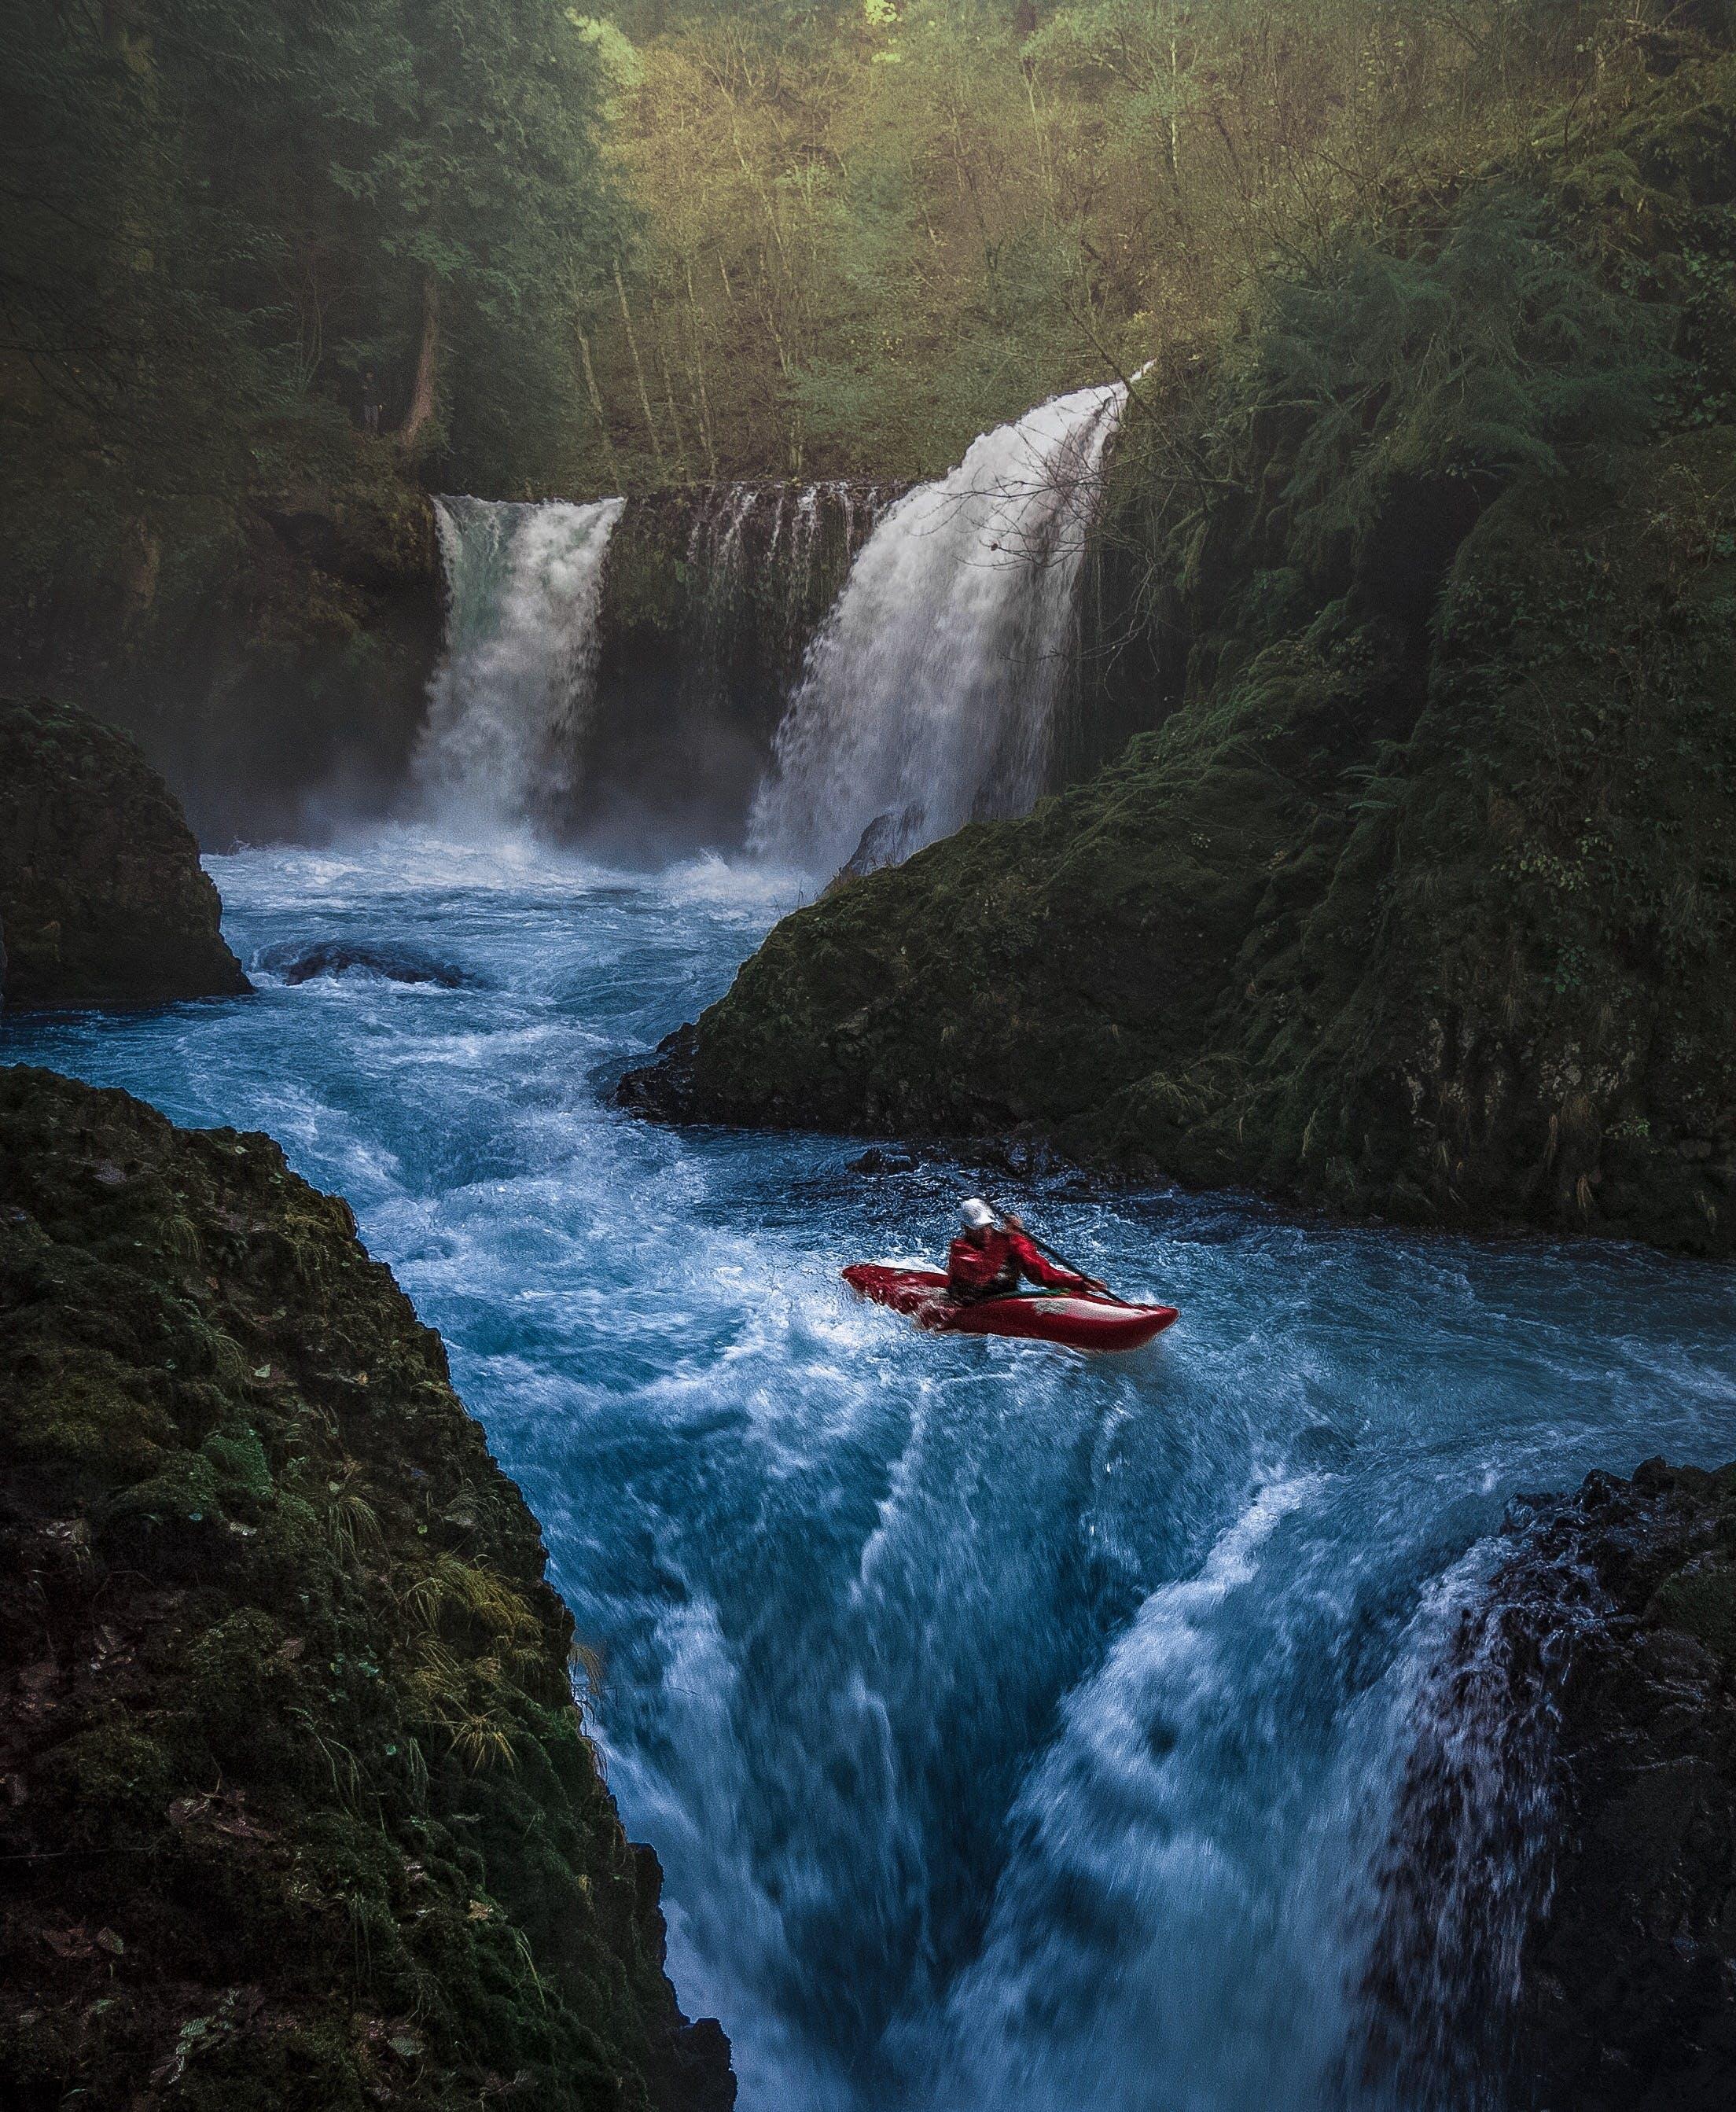 Person on Watercraft Near Waterfall